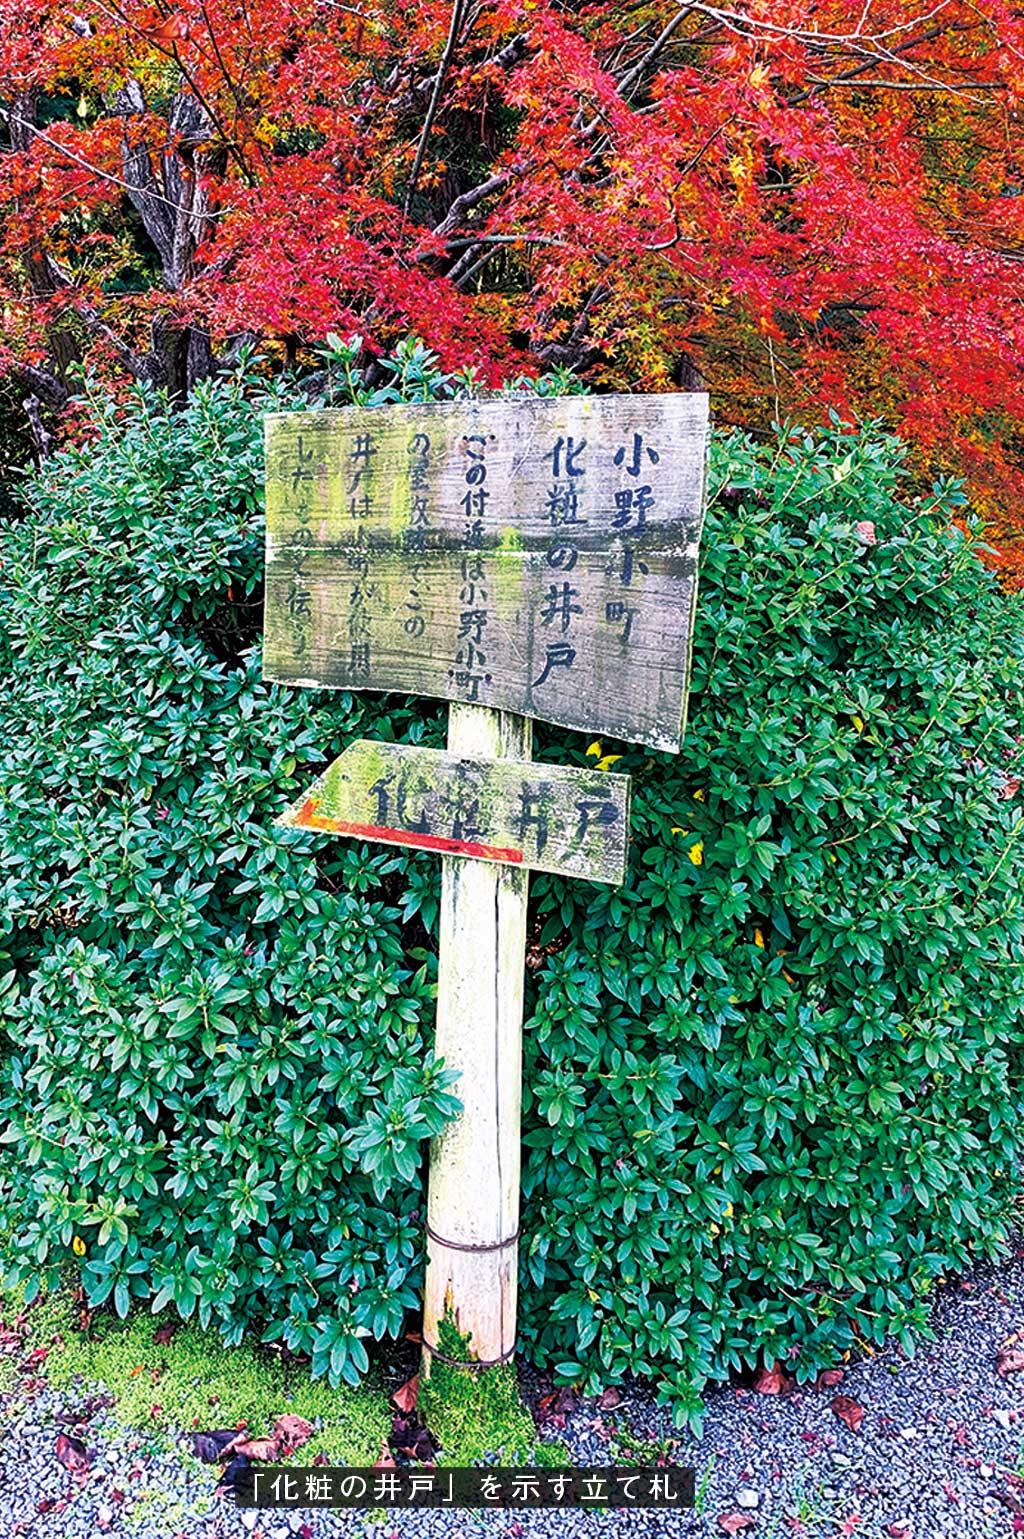 歎異抄の旅②[京都編]『歎異抄』ゆかりの地を歩むの画像3